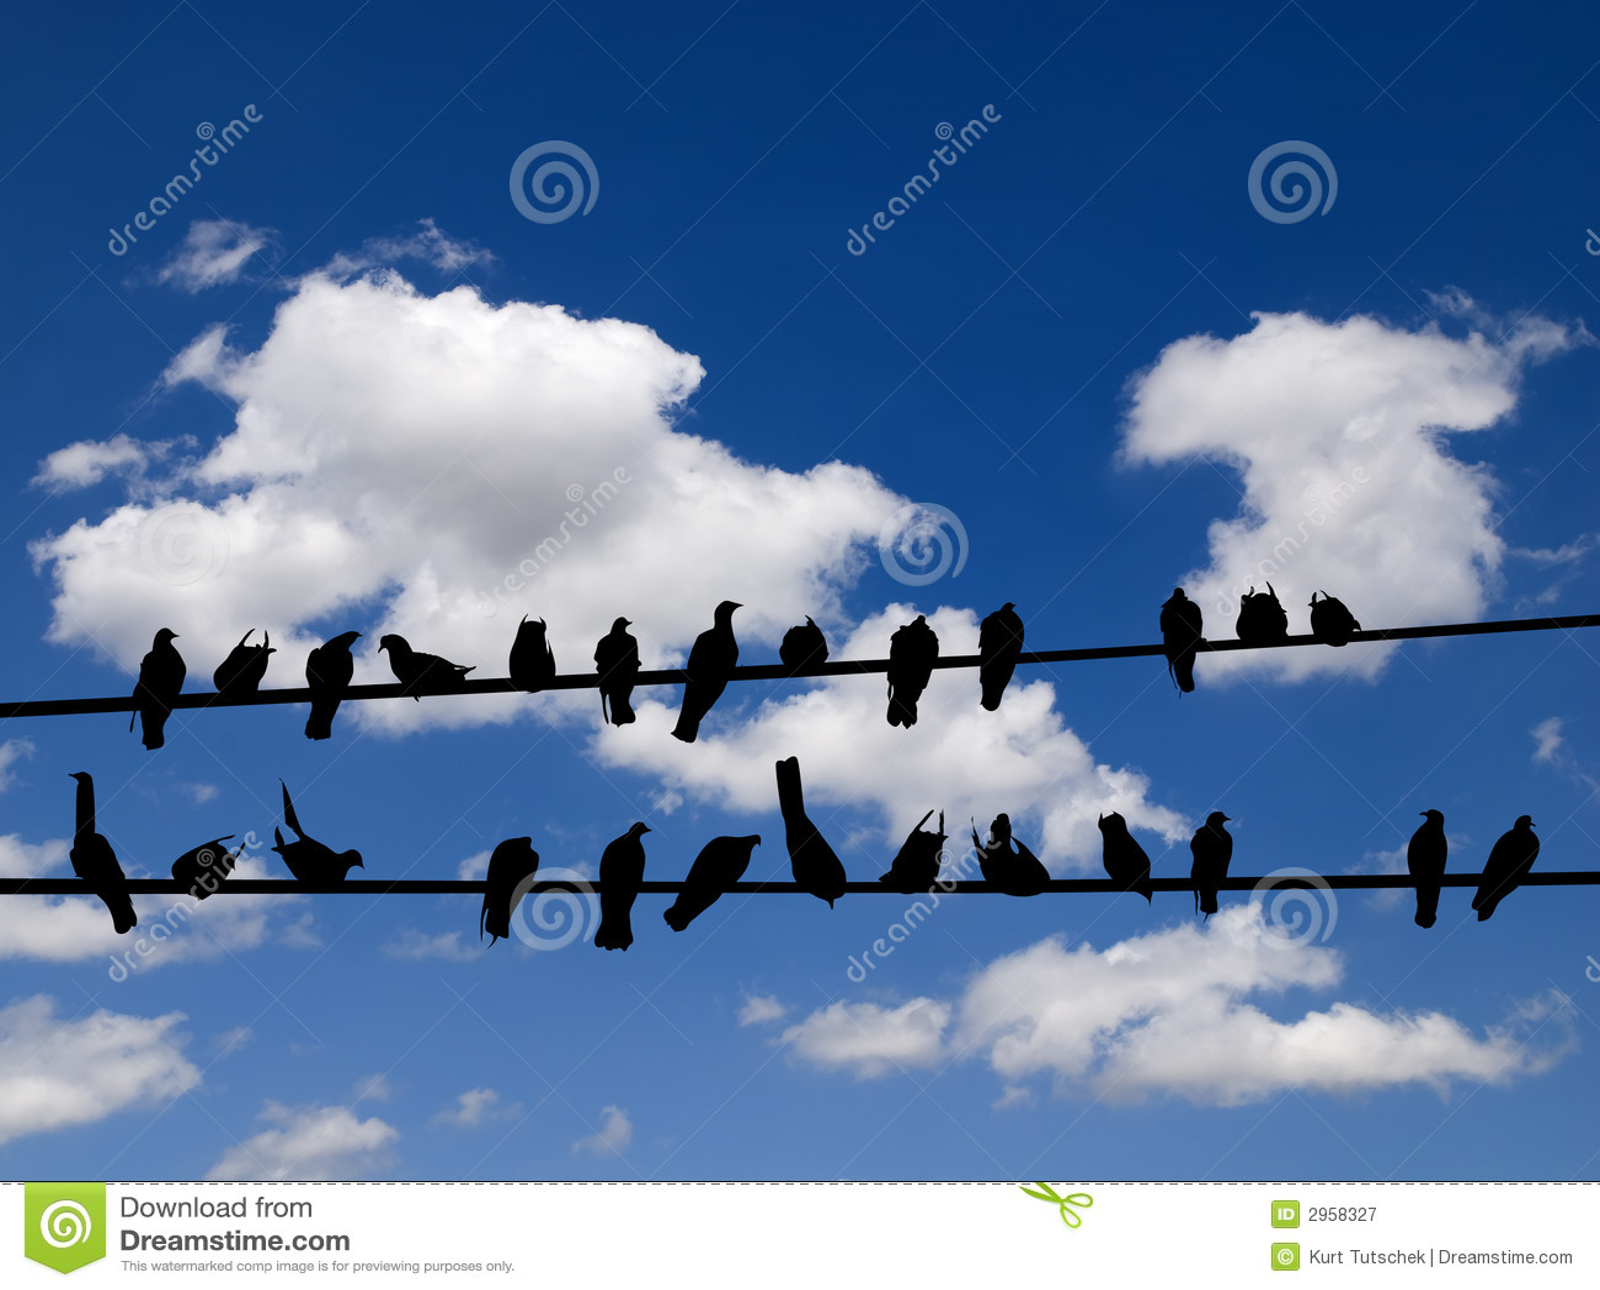 oiseaux sur un fil photographie stock libre de droits. Black Bedroom Furniture Sets. Home Design Ideas